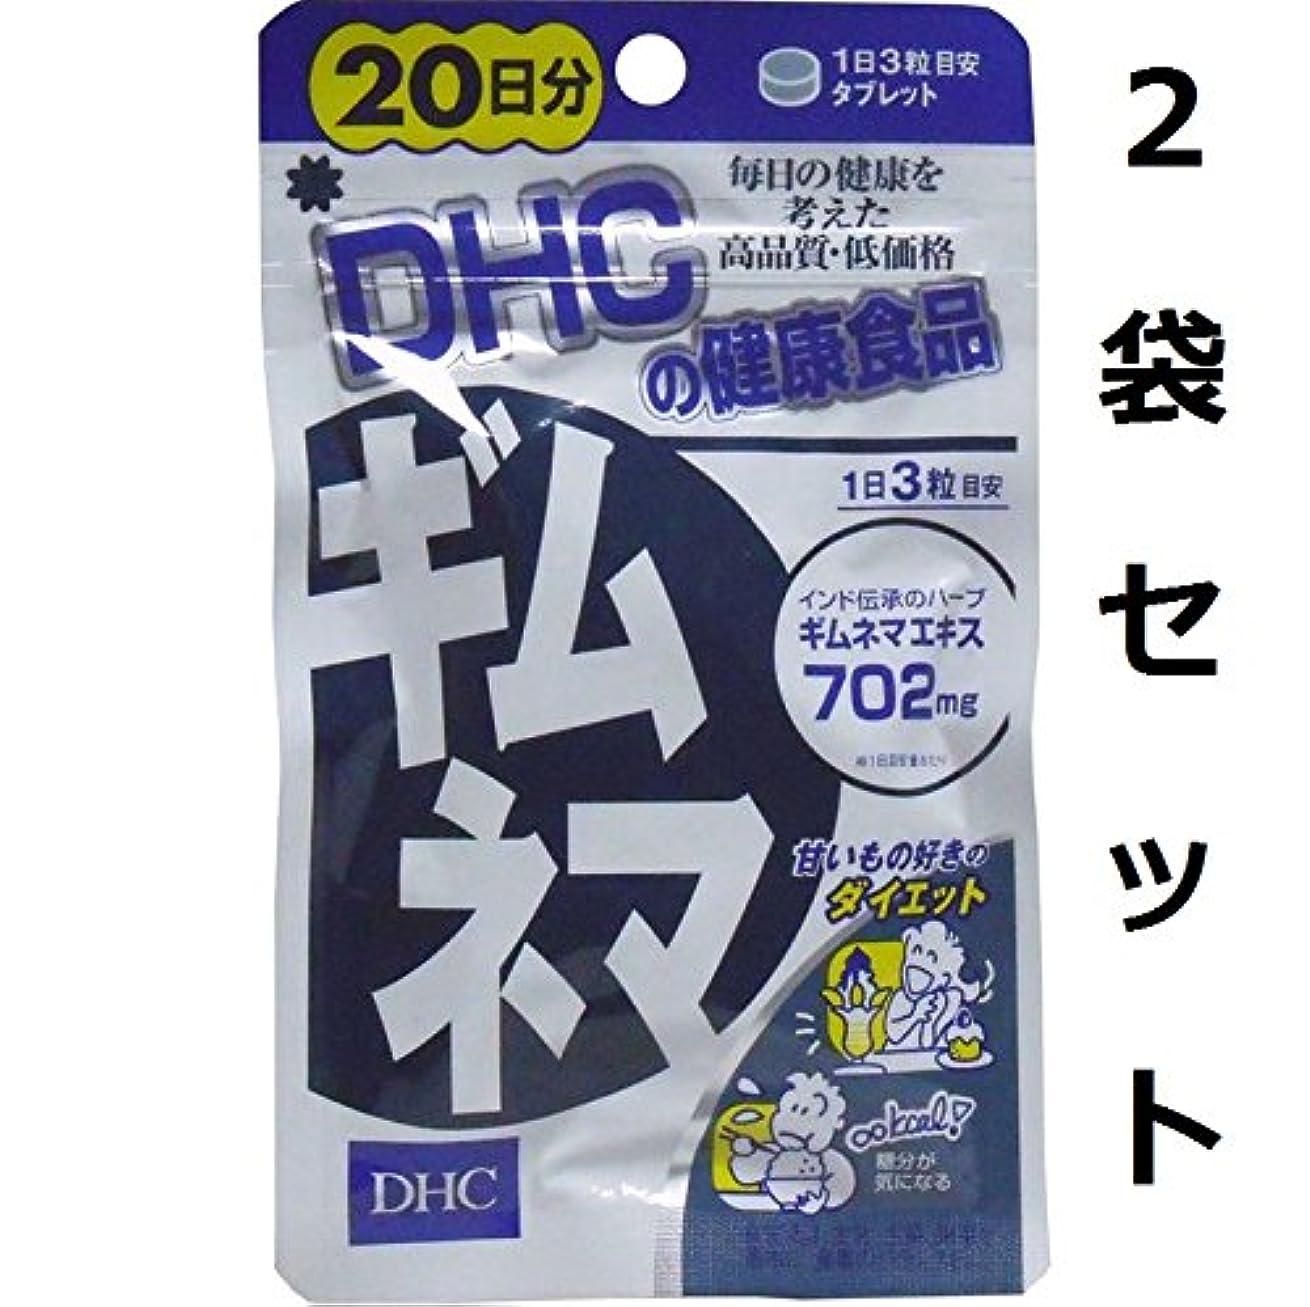 仮称面アフリカ人我慢せずに余分な糖分をブロック DHC ギムネマ 20日分 60粒 2袋セット